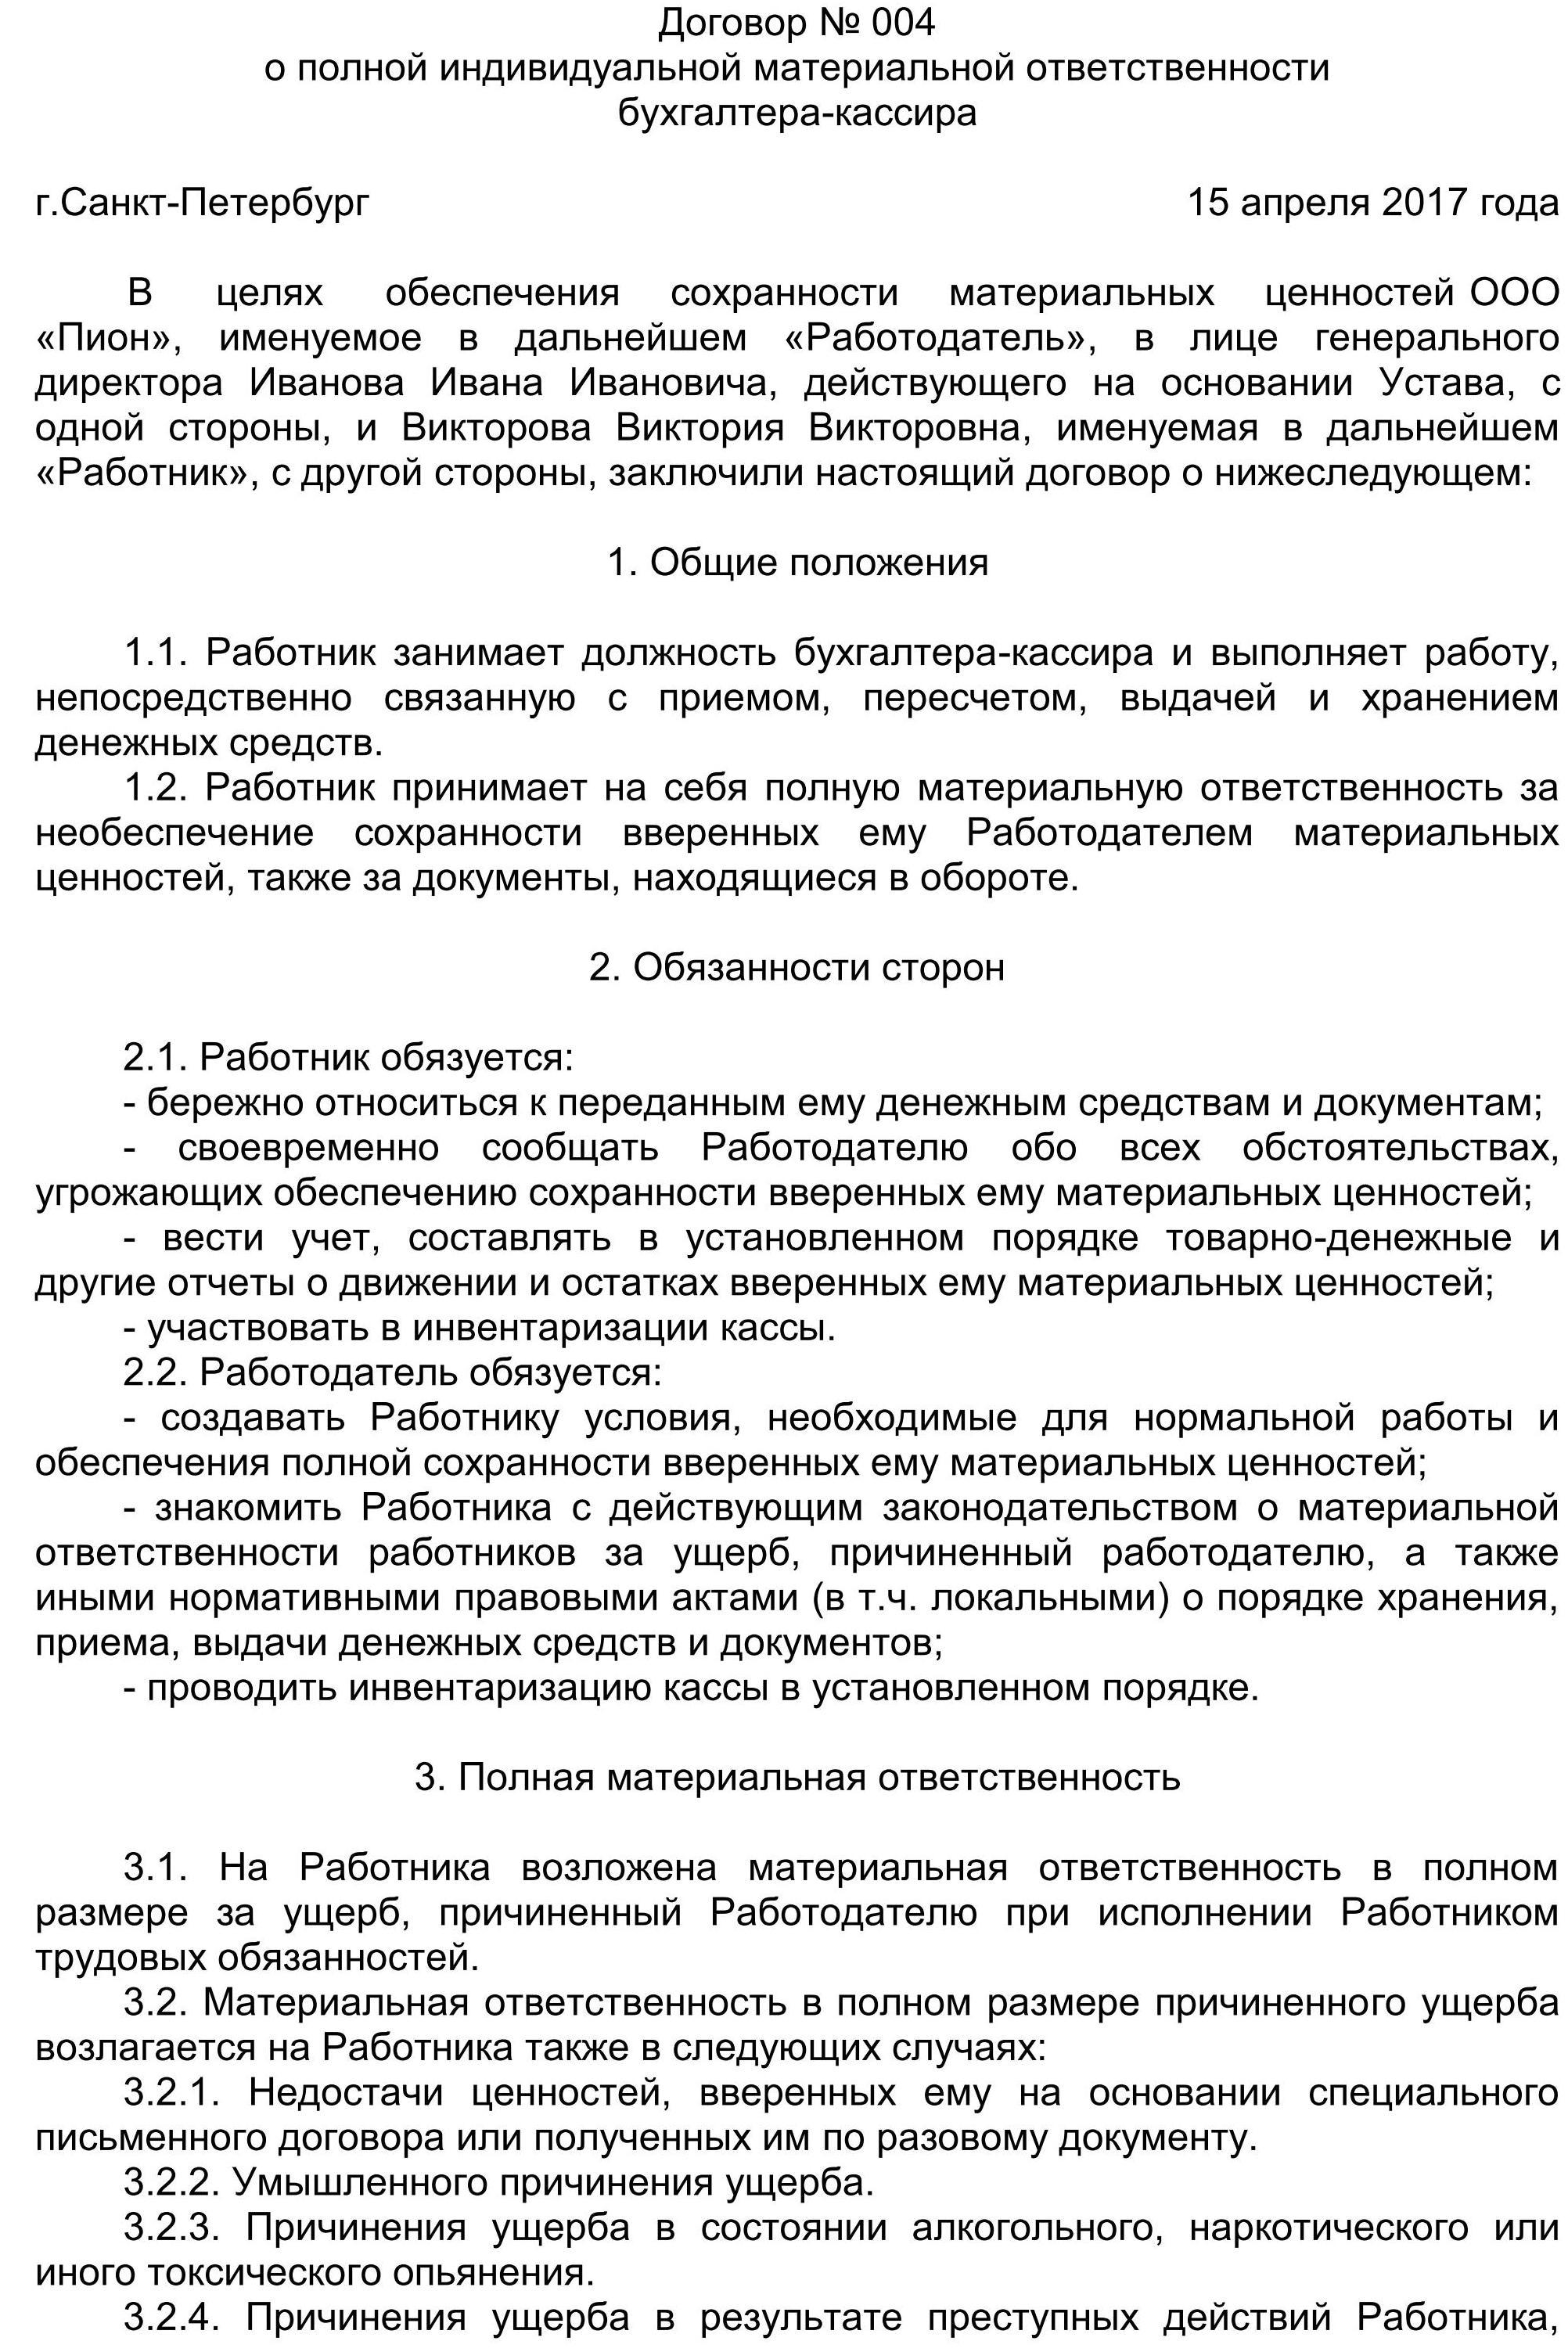 Договор о полной матответственности главного бухгалтера